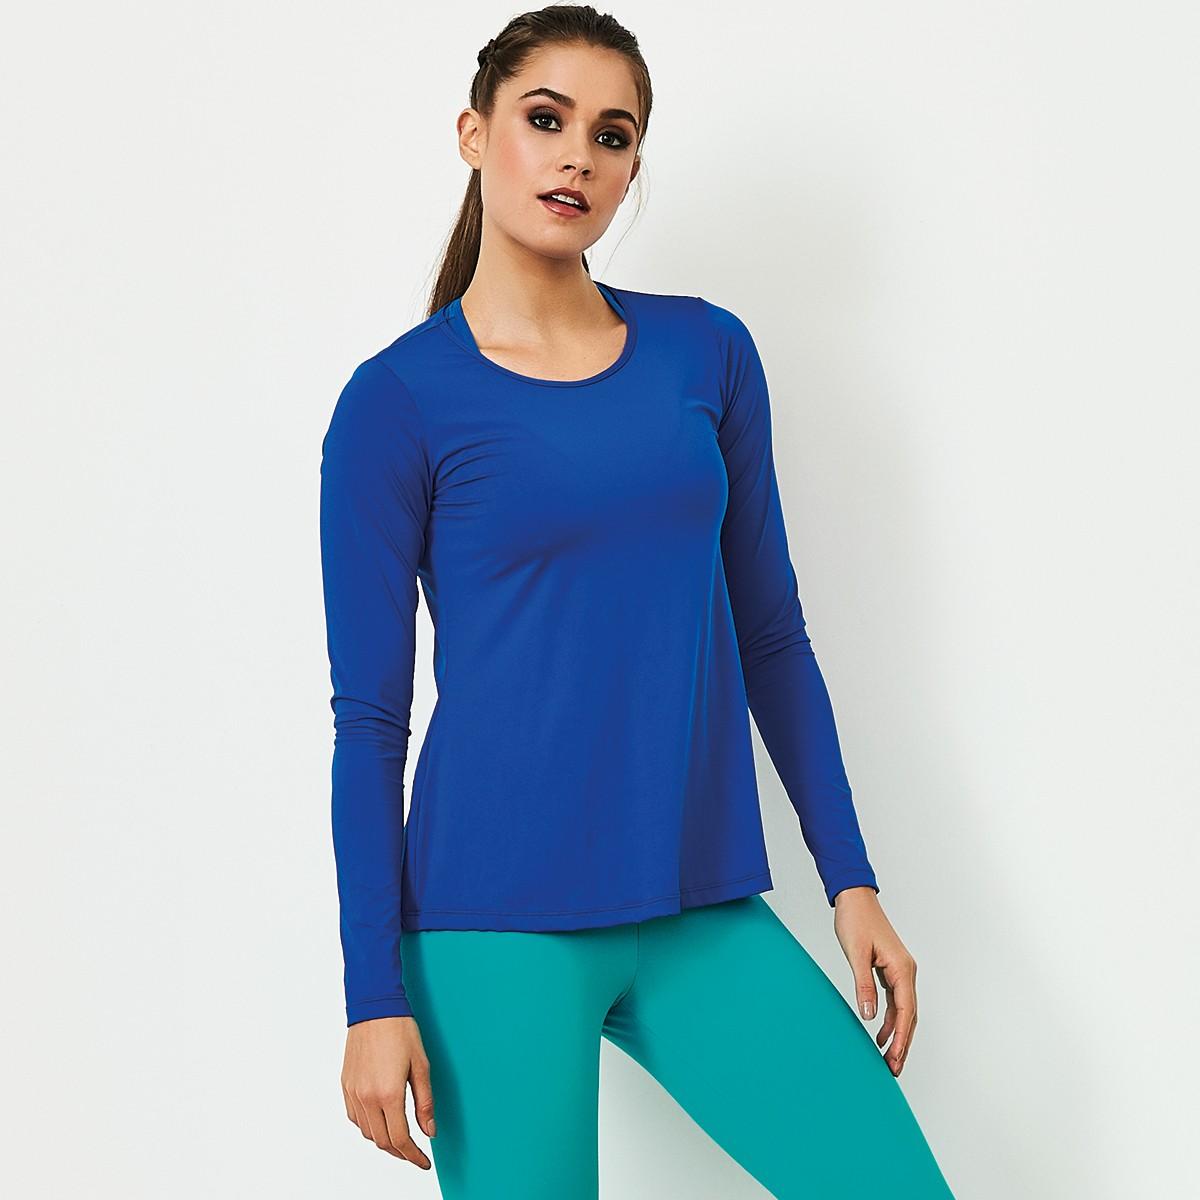 T-Shirt Manga Longa Basic Azul CAJUBRASIL Activewear